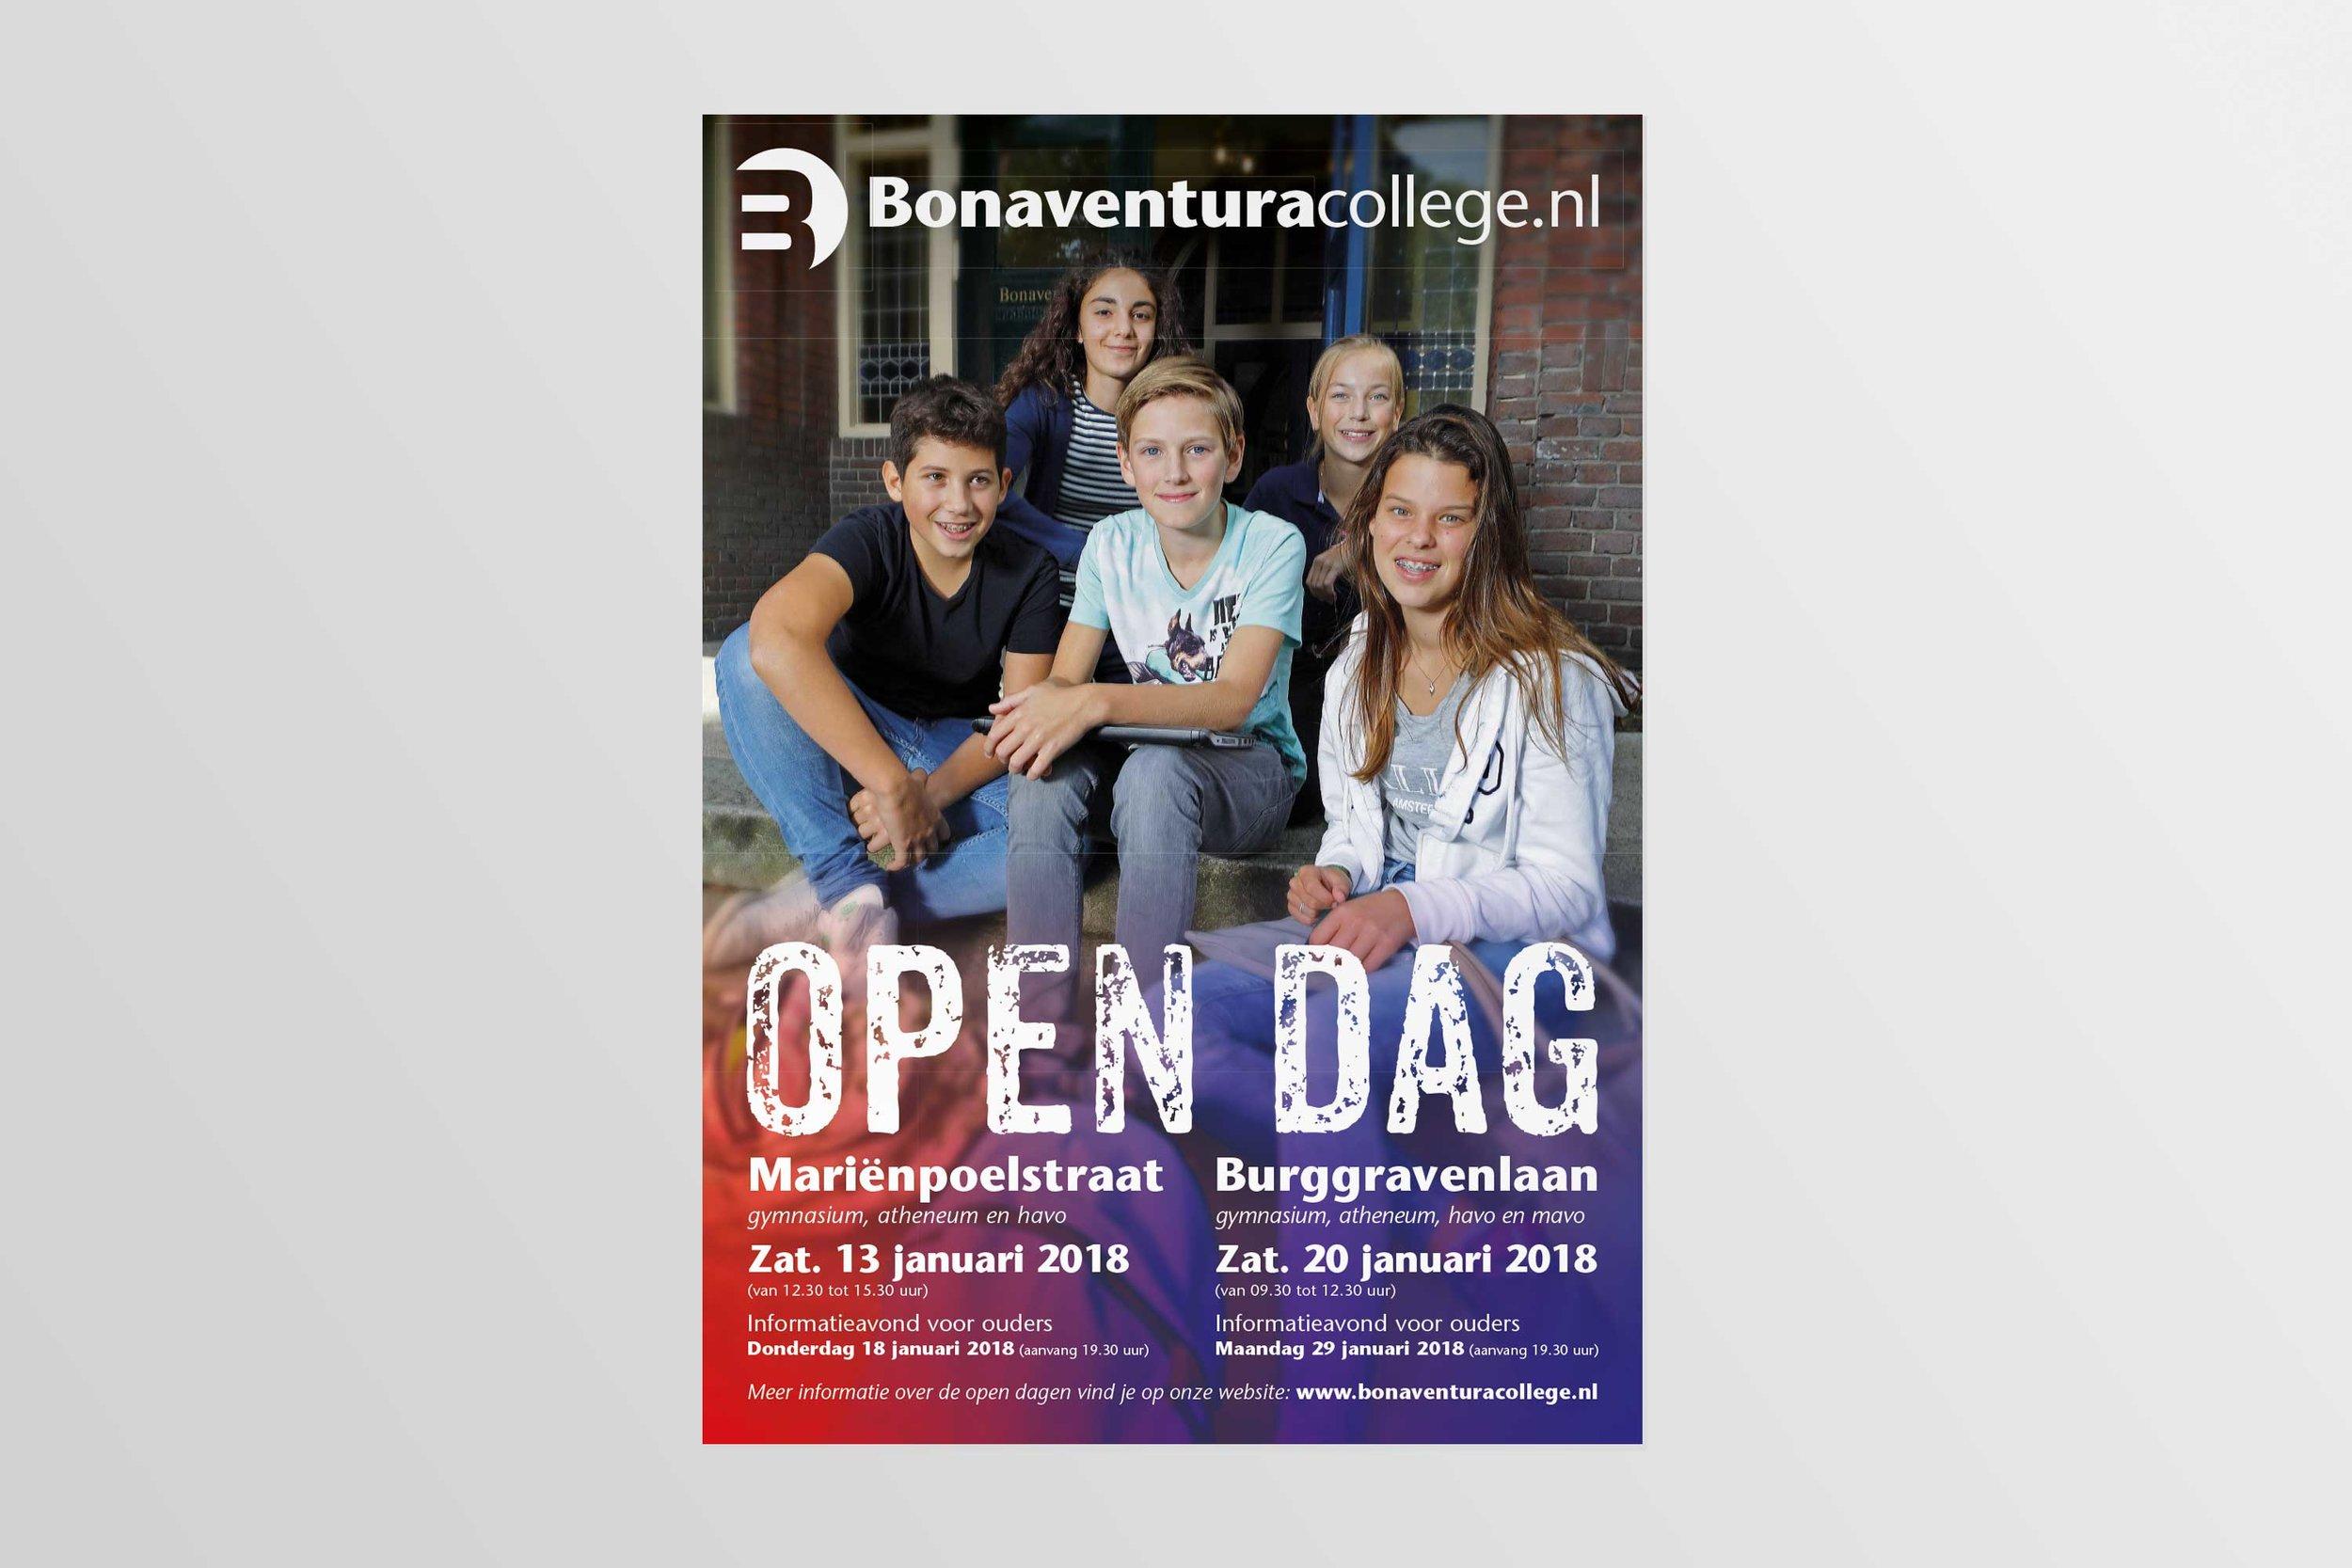 bona-open-dag-poster.jpg